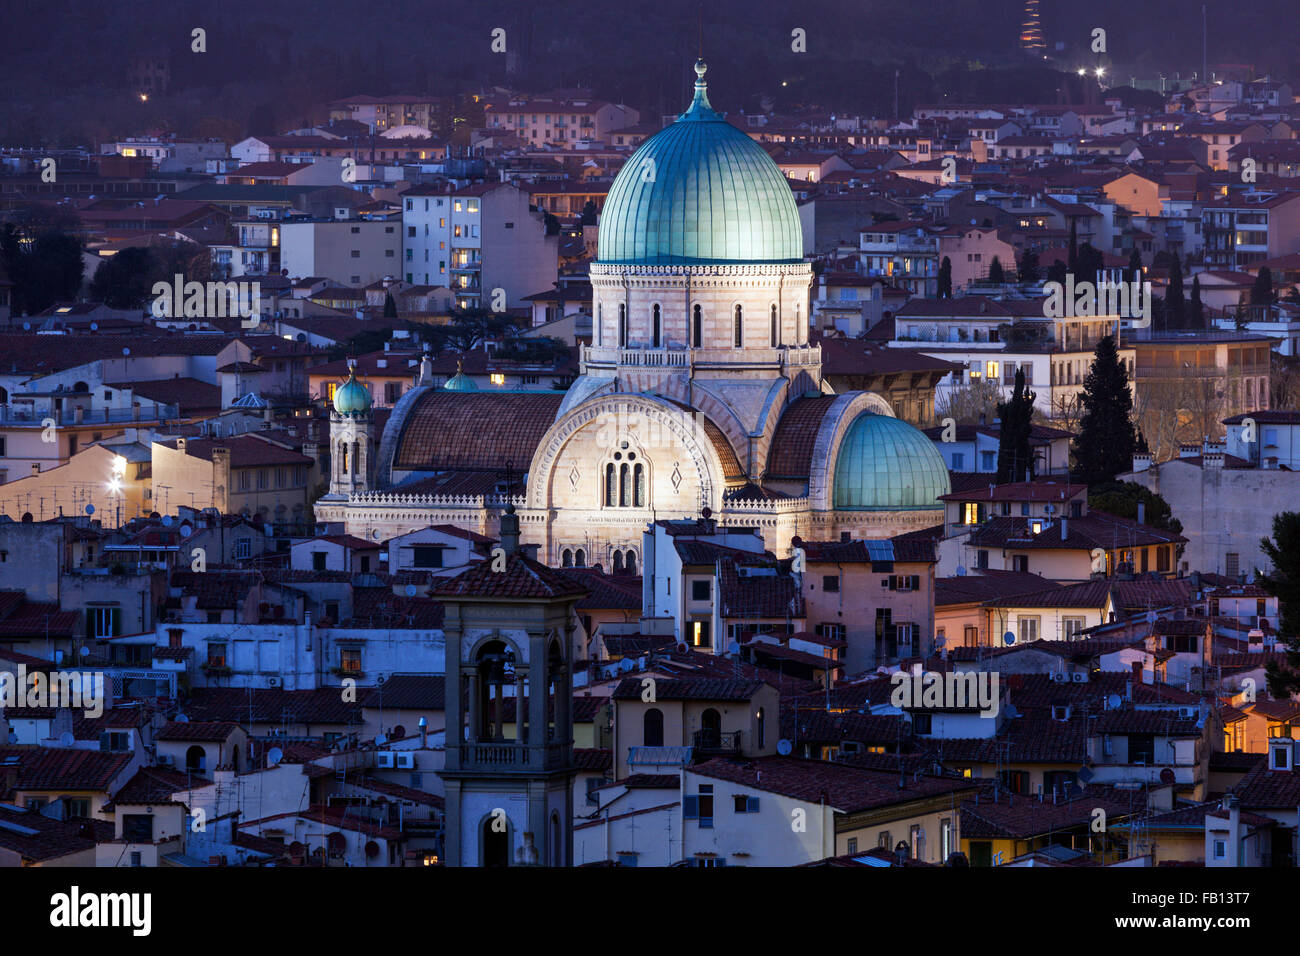 La Gran Sinagoga de Florencia. Imagen De Stock